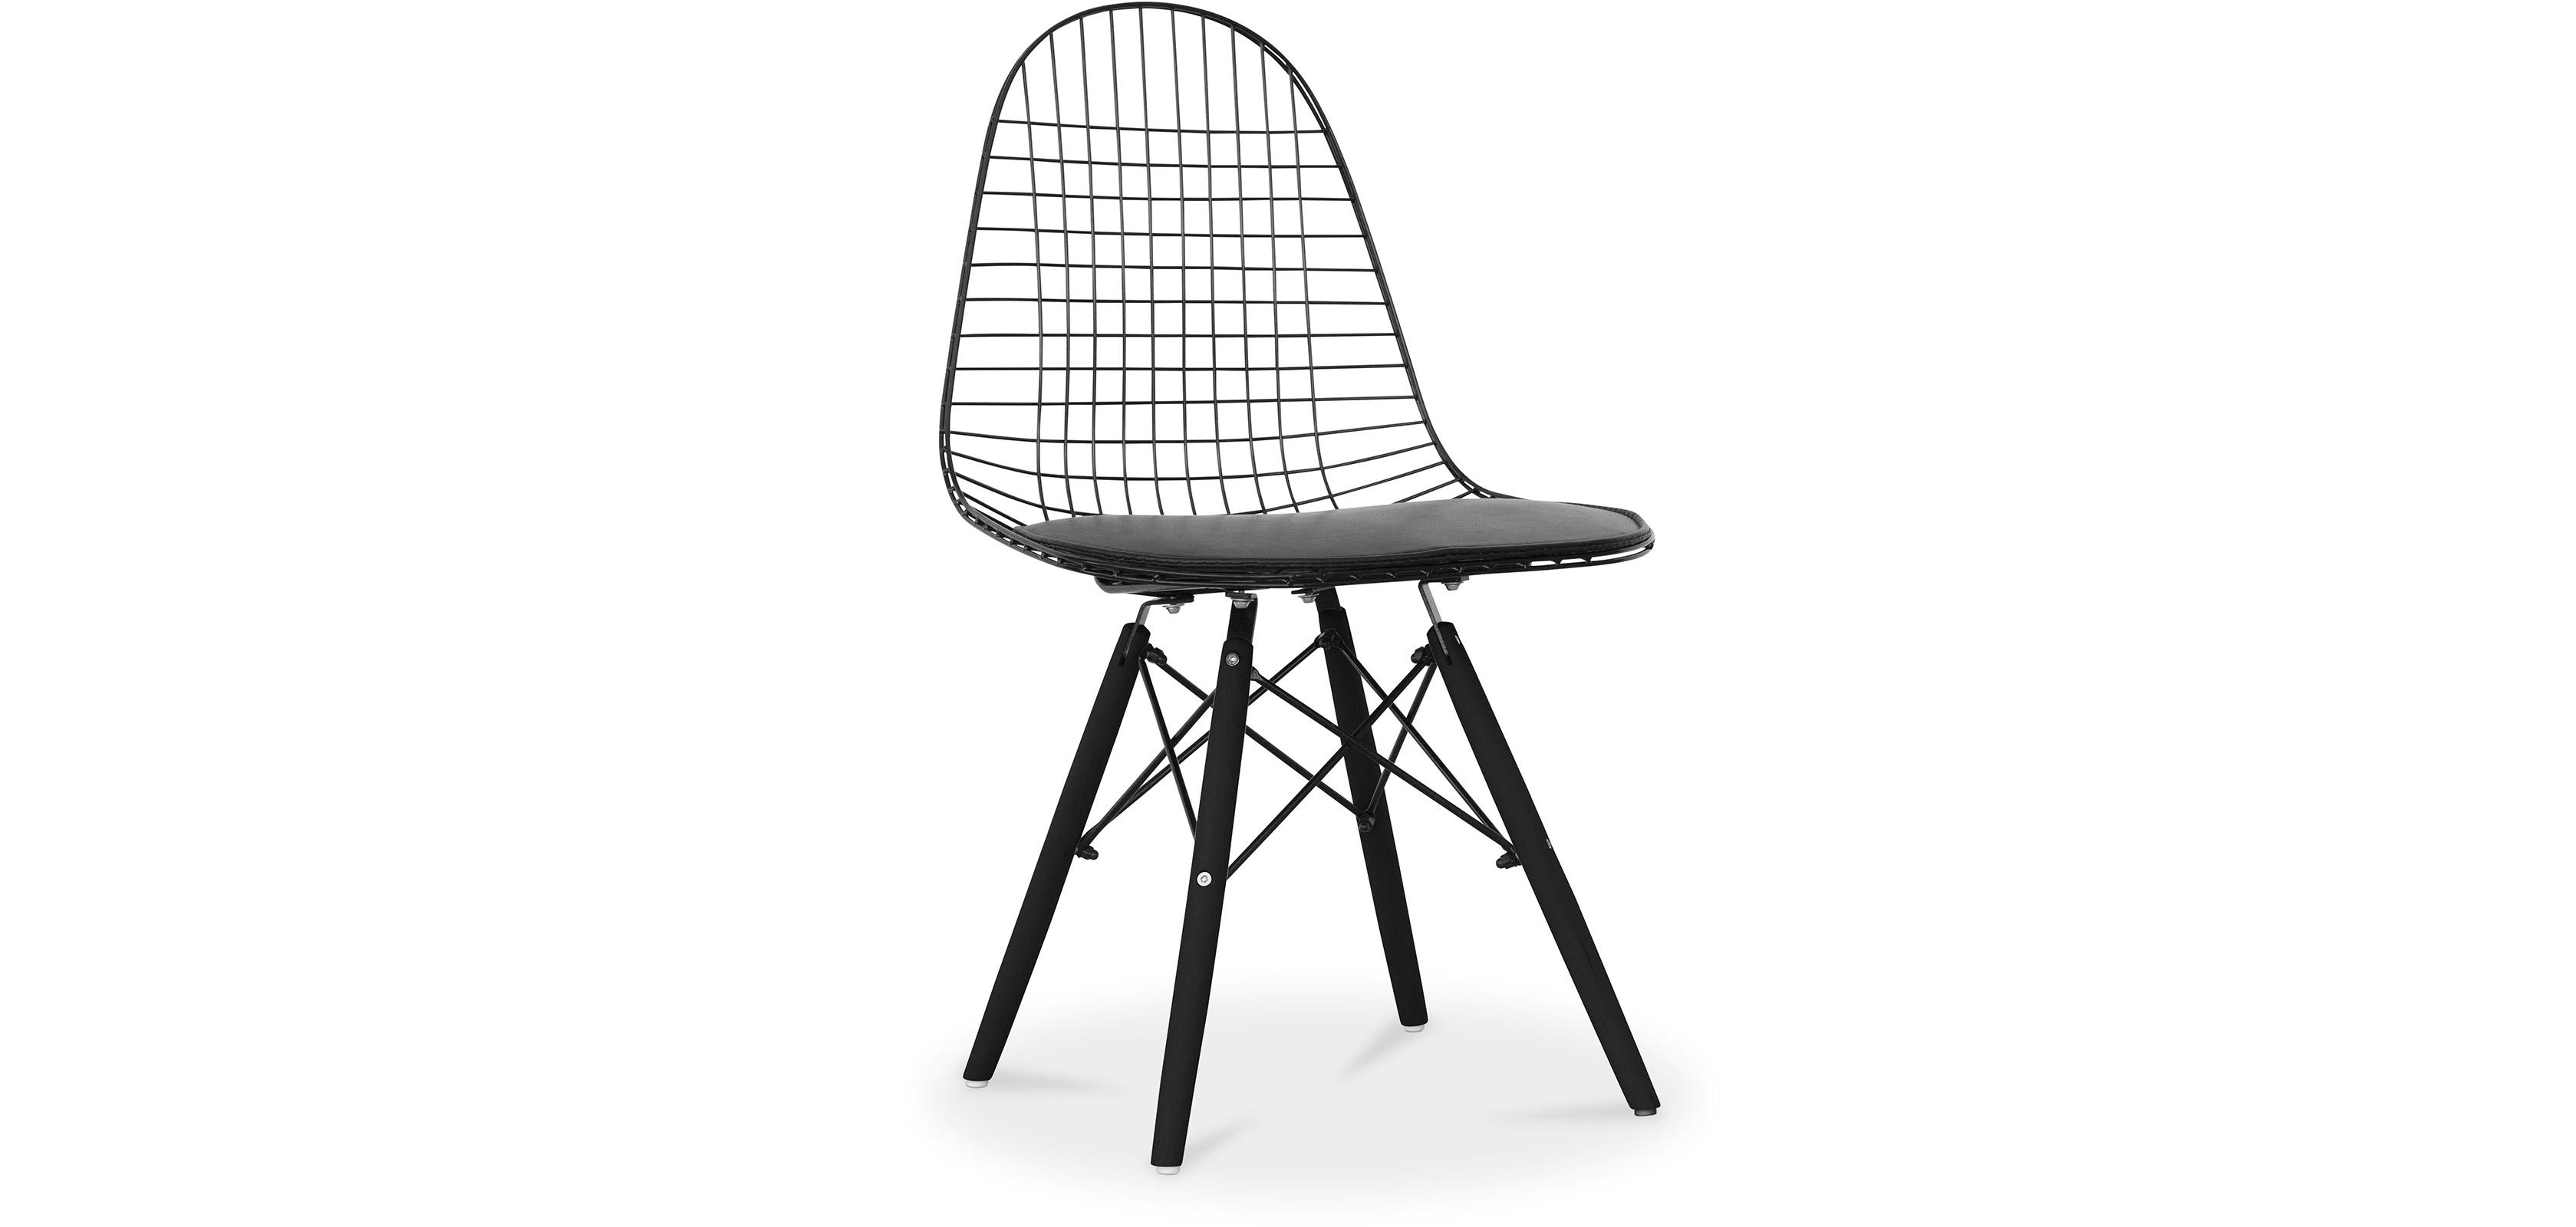 dkw stuhl charles eames. Black Bedroom Furniture Sets. Home Design Ideas